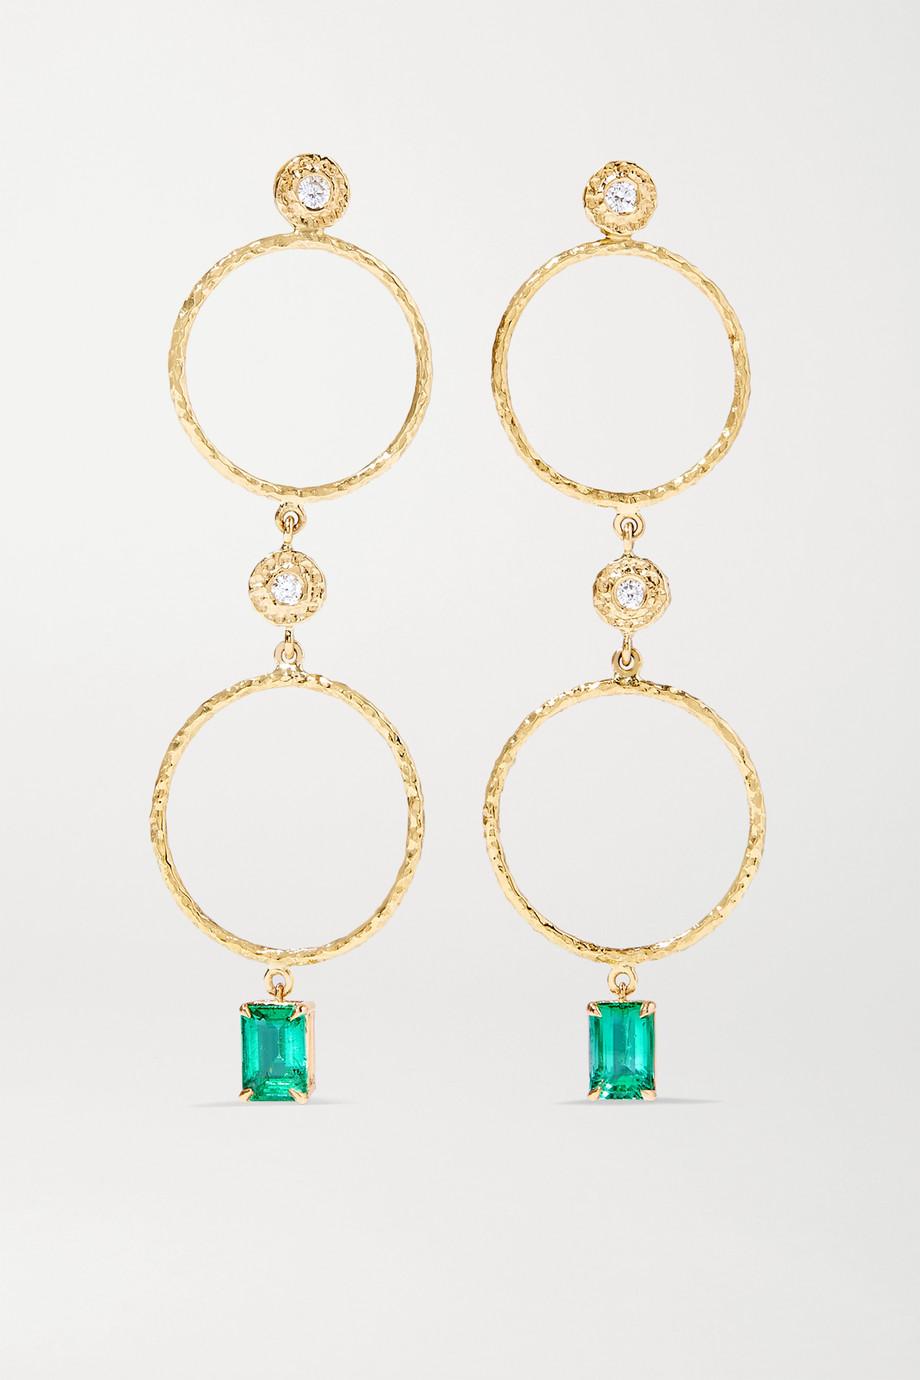 Octavia Elizabeth + NET SUSTAIN Nesting Gem Ohrringe aus 18 Karat Gold mit Smaragden und Diamanten